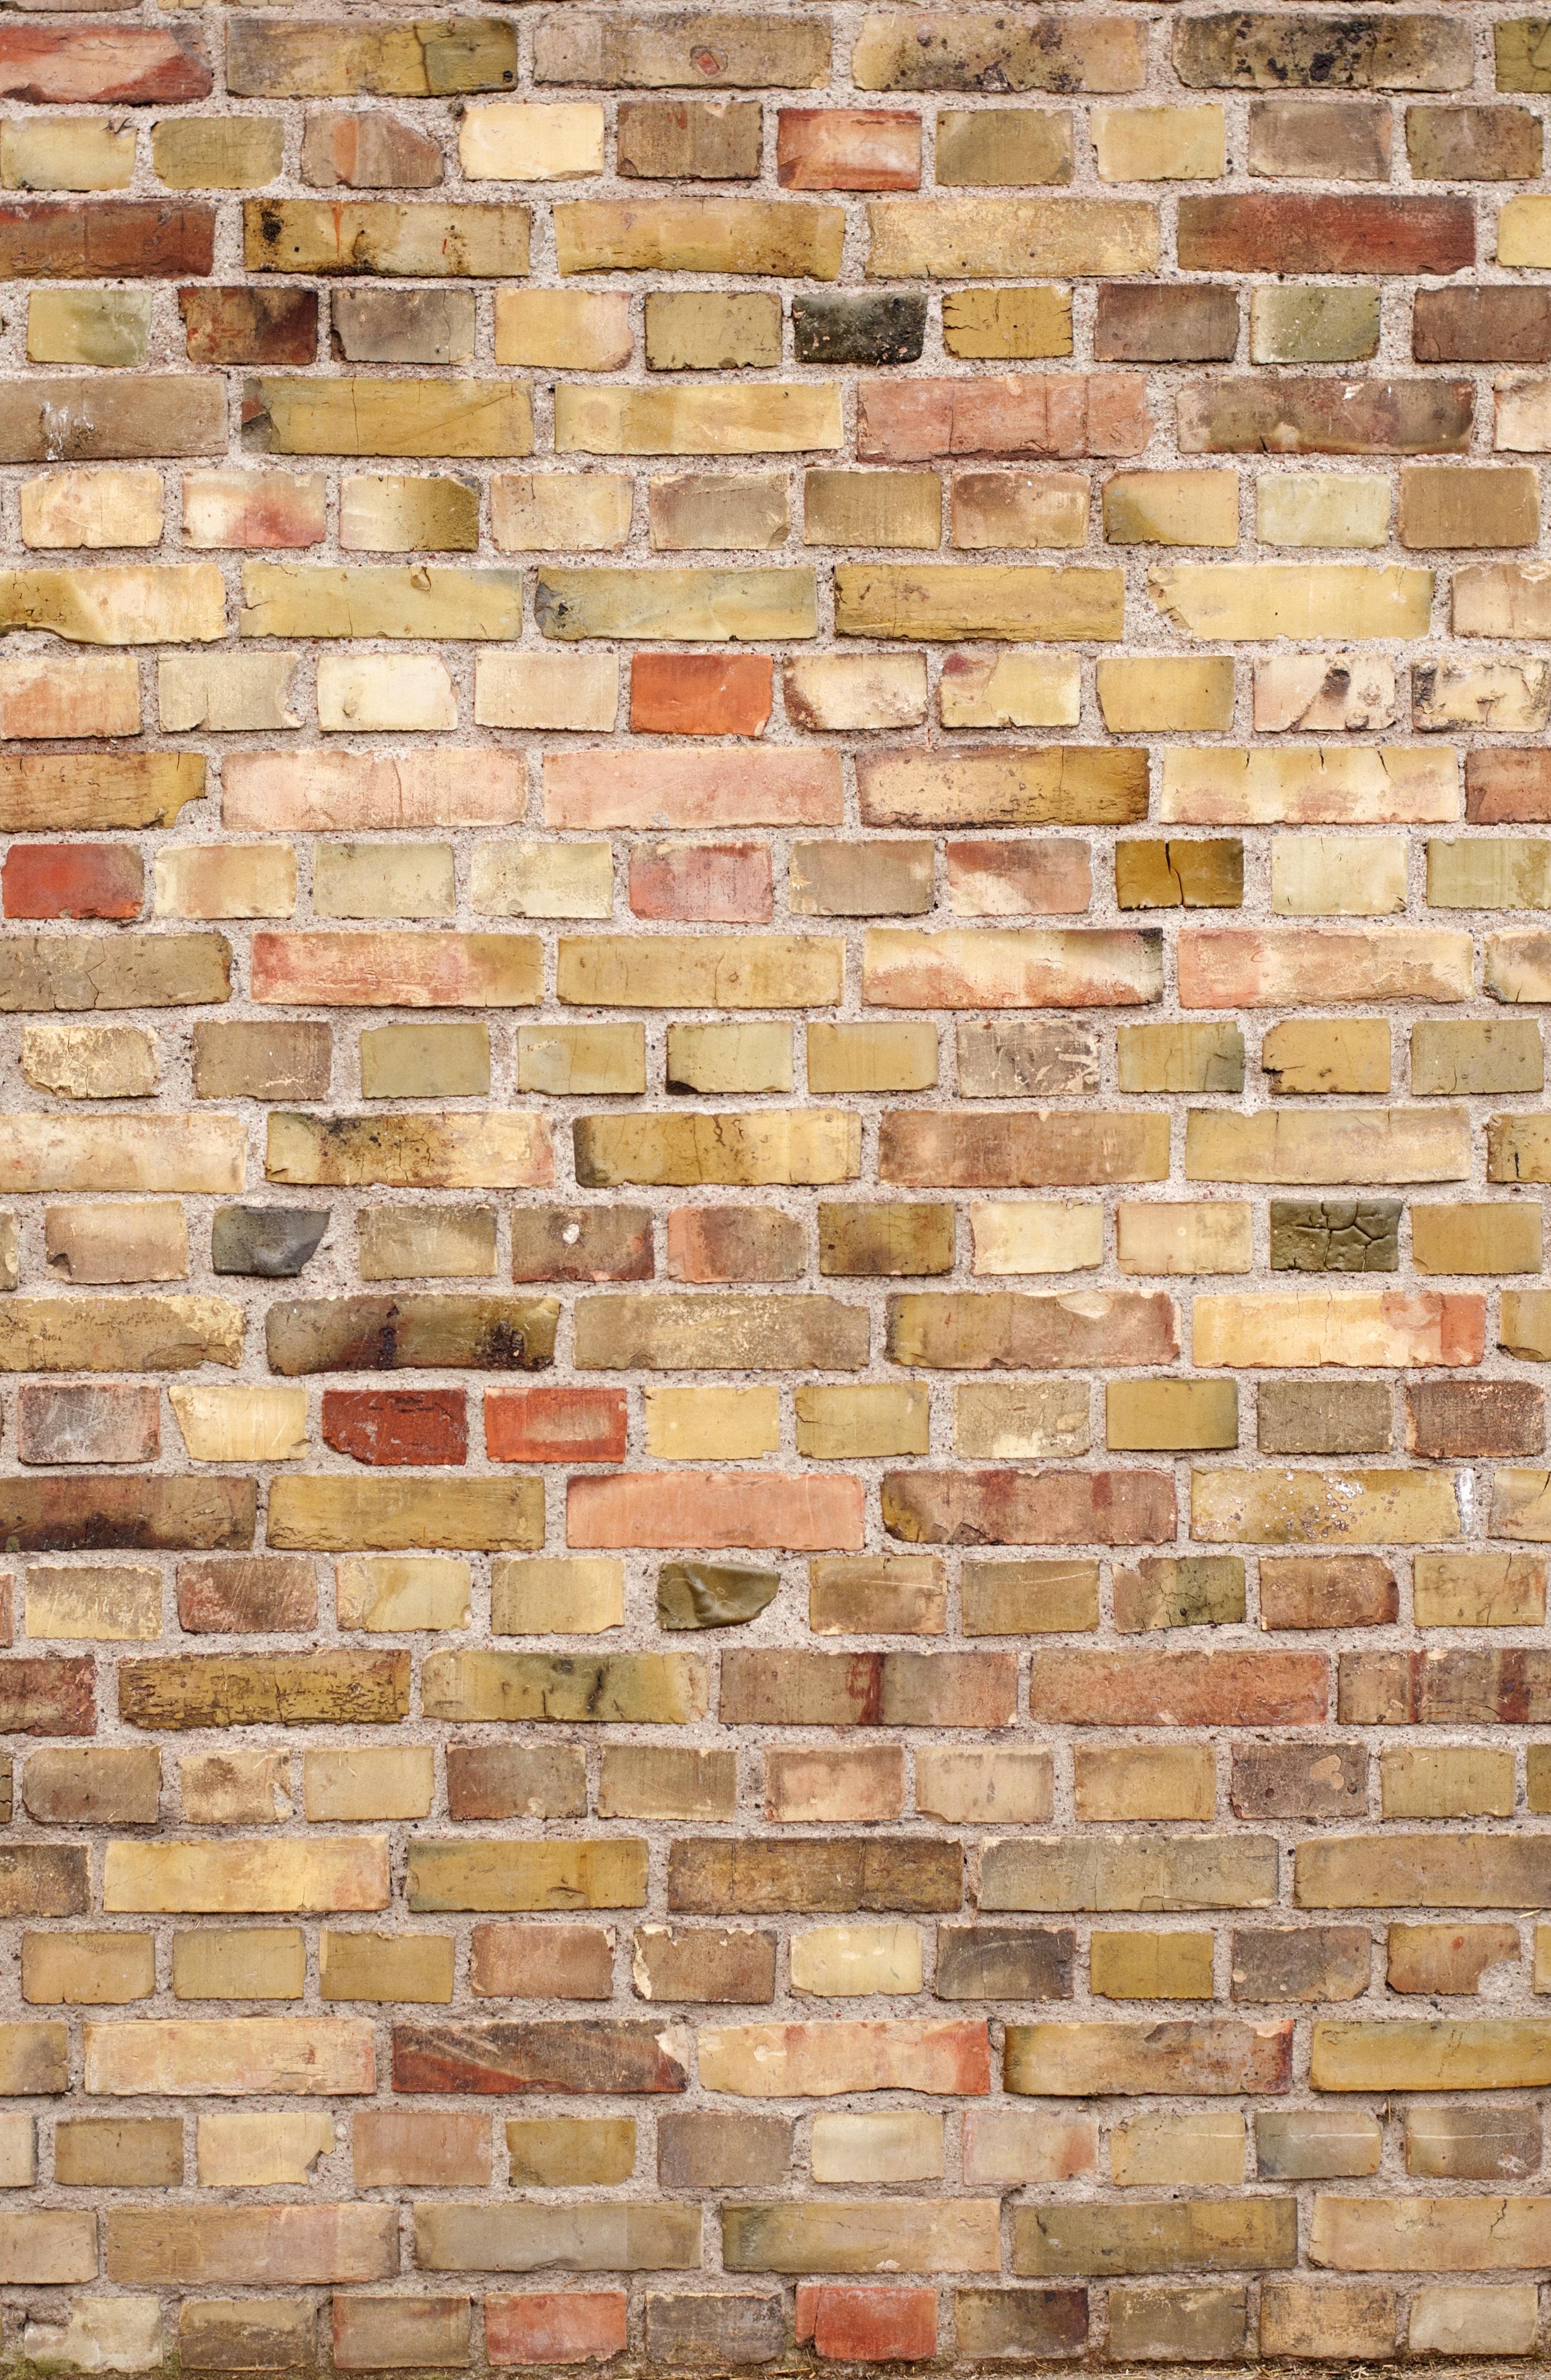 Piedra pared exterior pared de piedra exterior decorativa - Piedra decorativa exterior ...